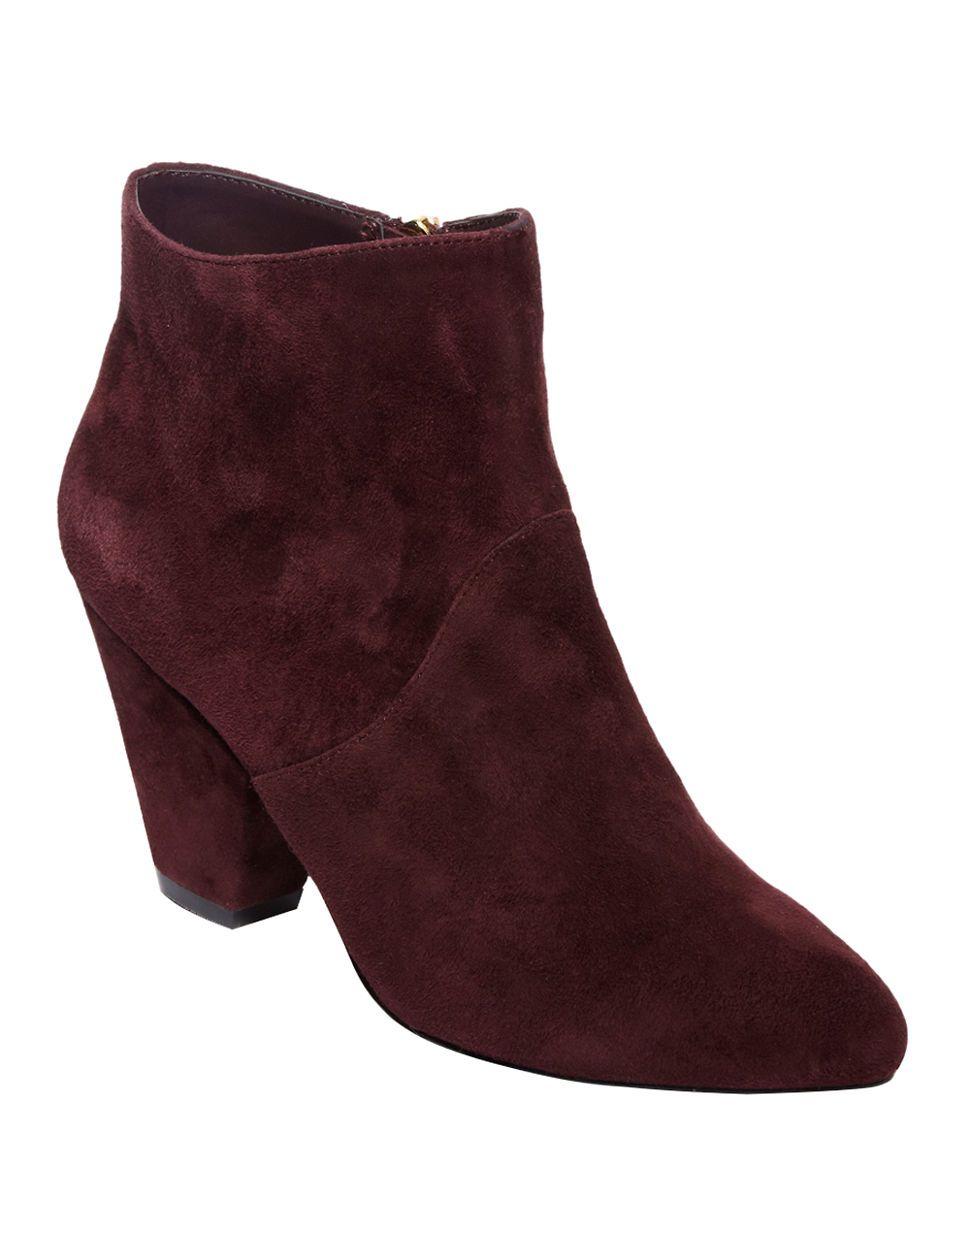 Pin von stylefruits DE auf Schuhe | Shoes, Boots und Ankle boots